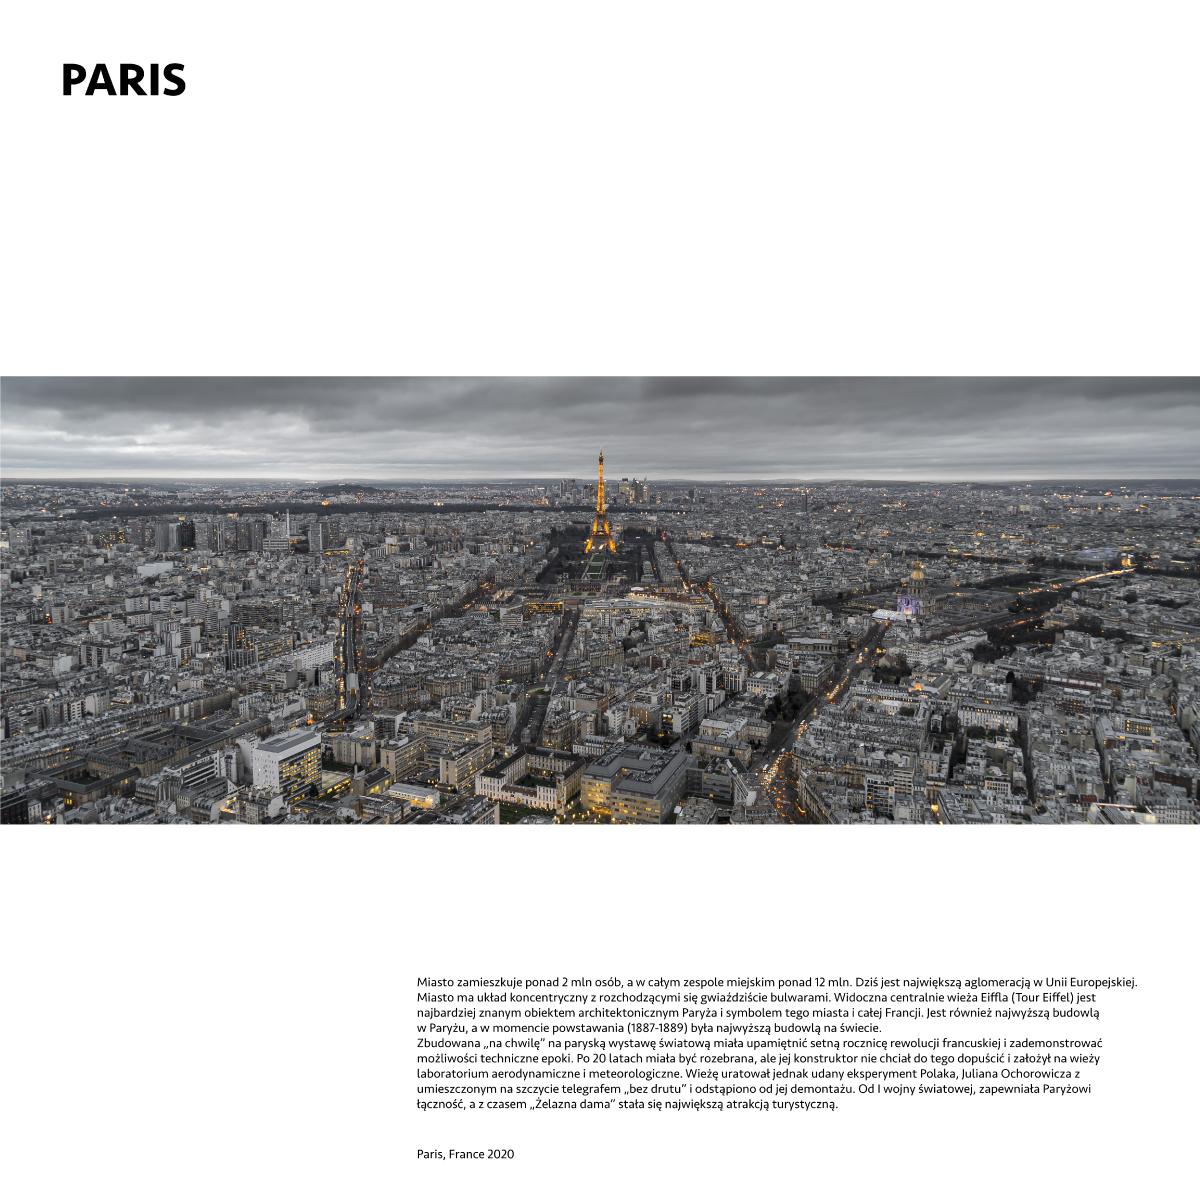 Z lotu Skowronka Marek Skowronek | Paryż